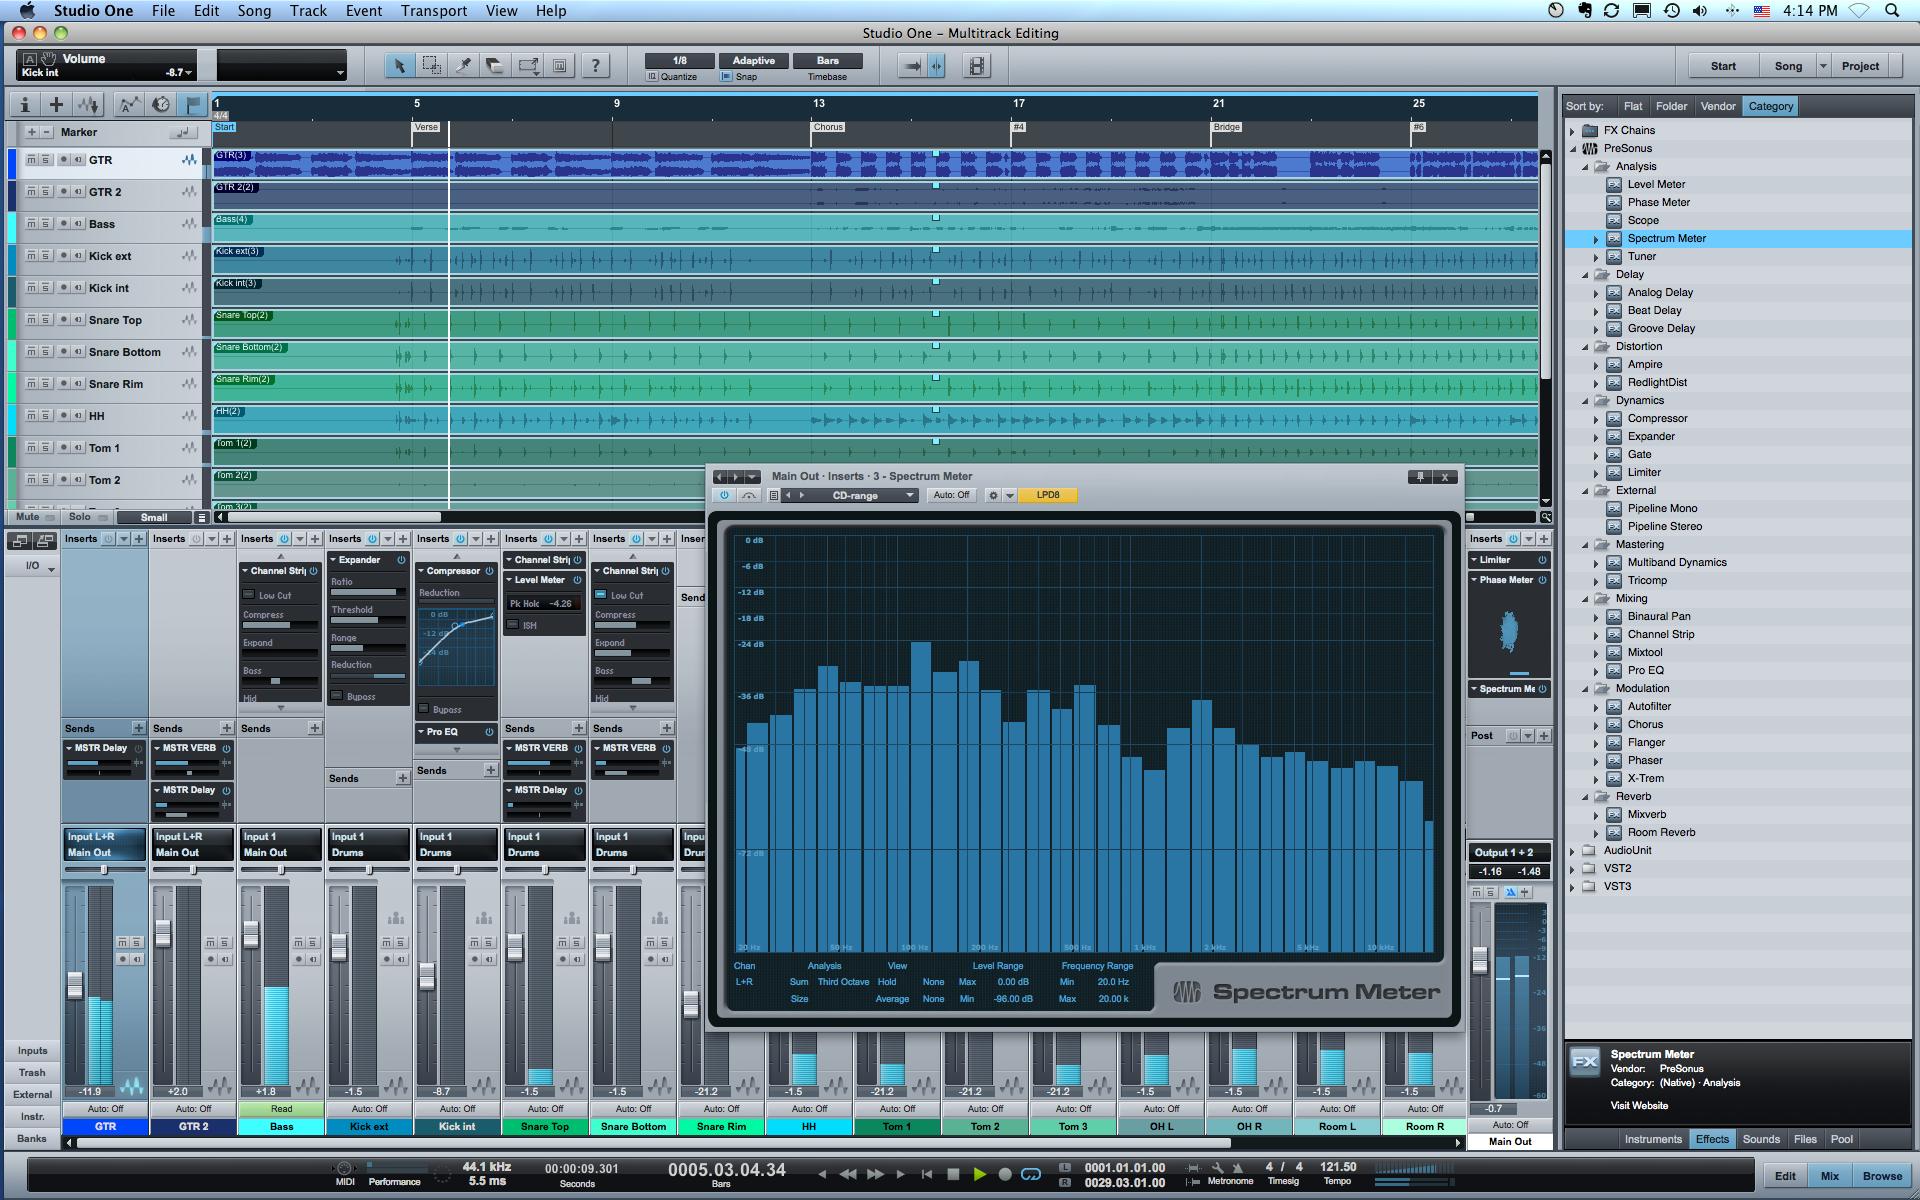 20101219183451!StudioOneSoftware_SongPage.png